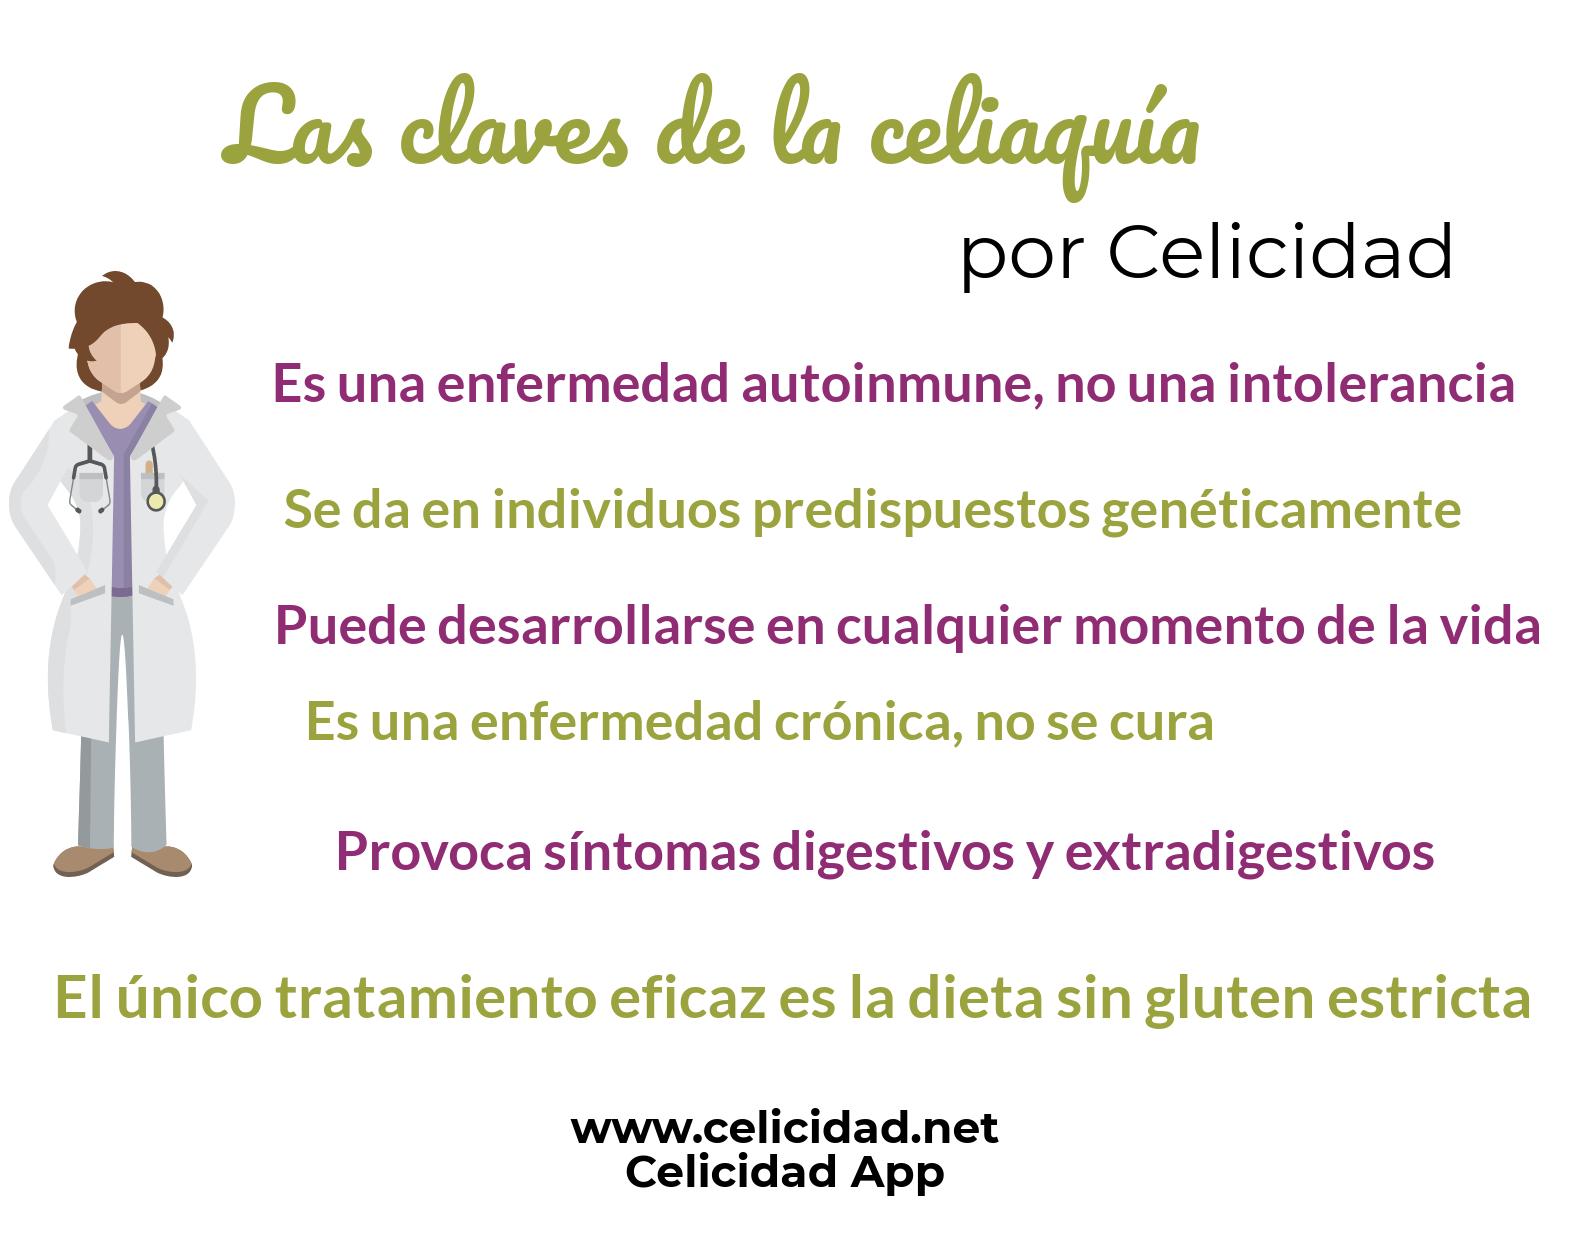 cómo saber si soy celiaco